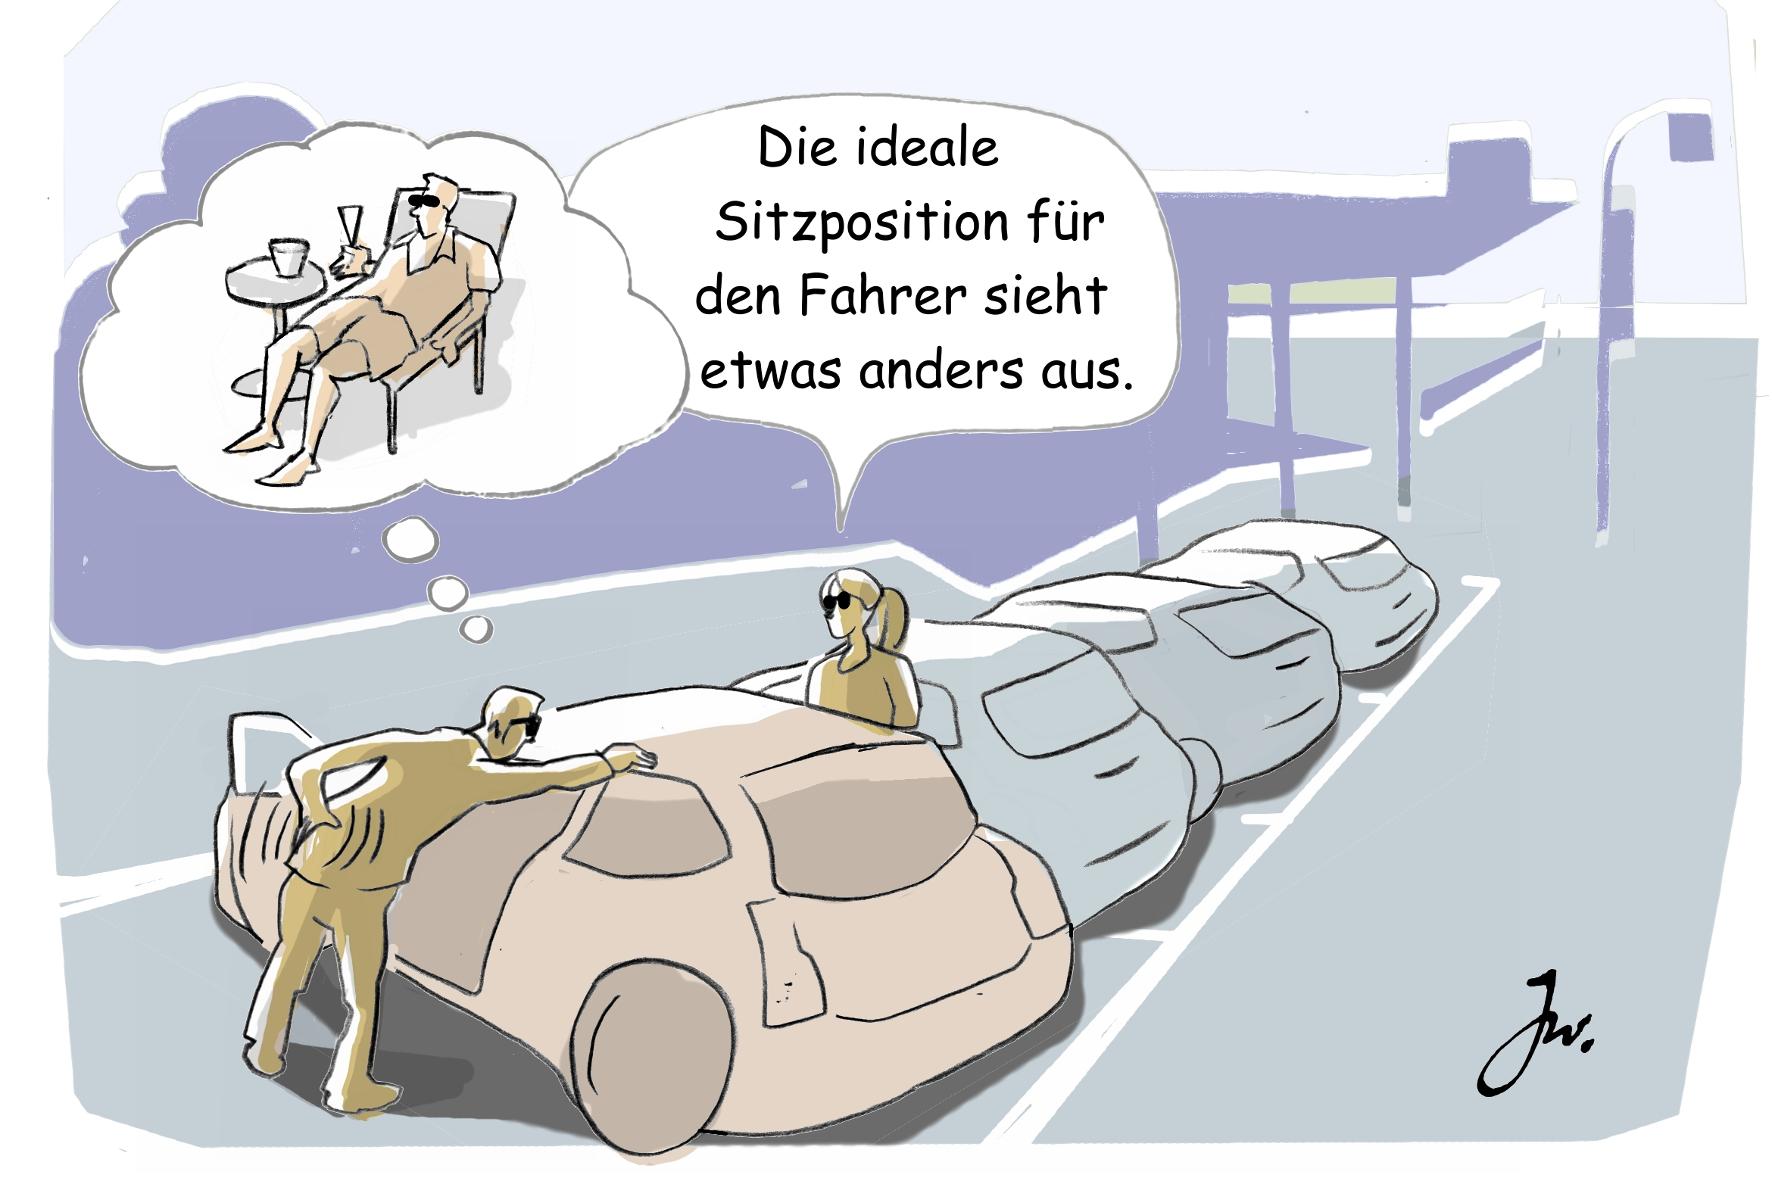 mid Groß-Gerau - Der Autositz ist kein Liegestuhl: Die Rückenlehne sollte in einem Winkel von etwa 100 Grad zur Sitzfläche eingestellt sein. Goslar Institut / HUK Coburg